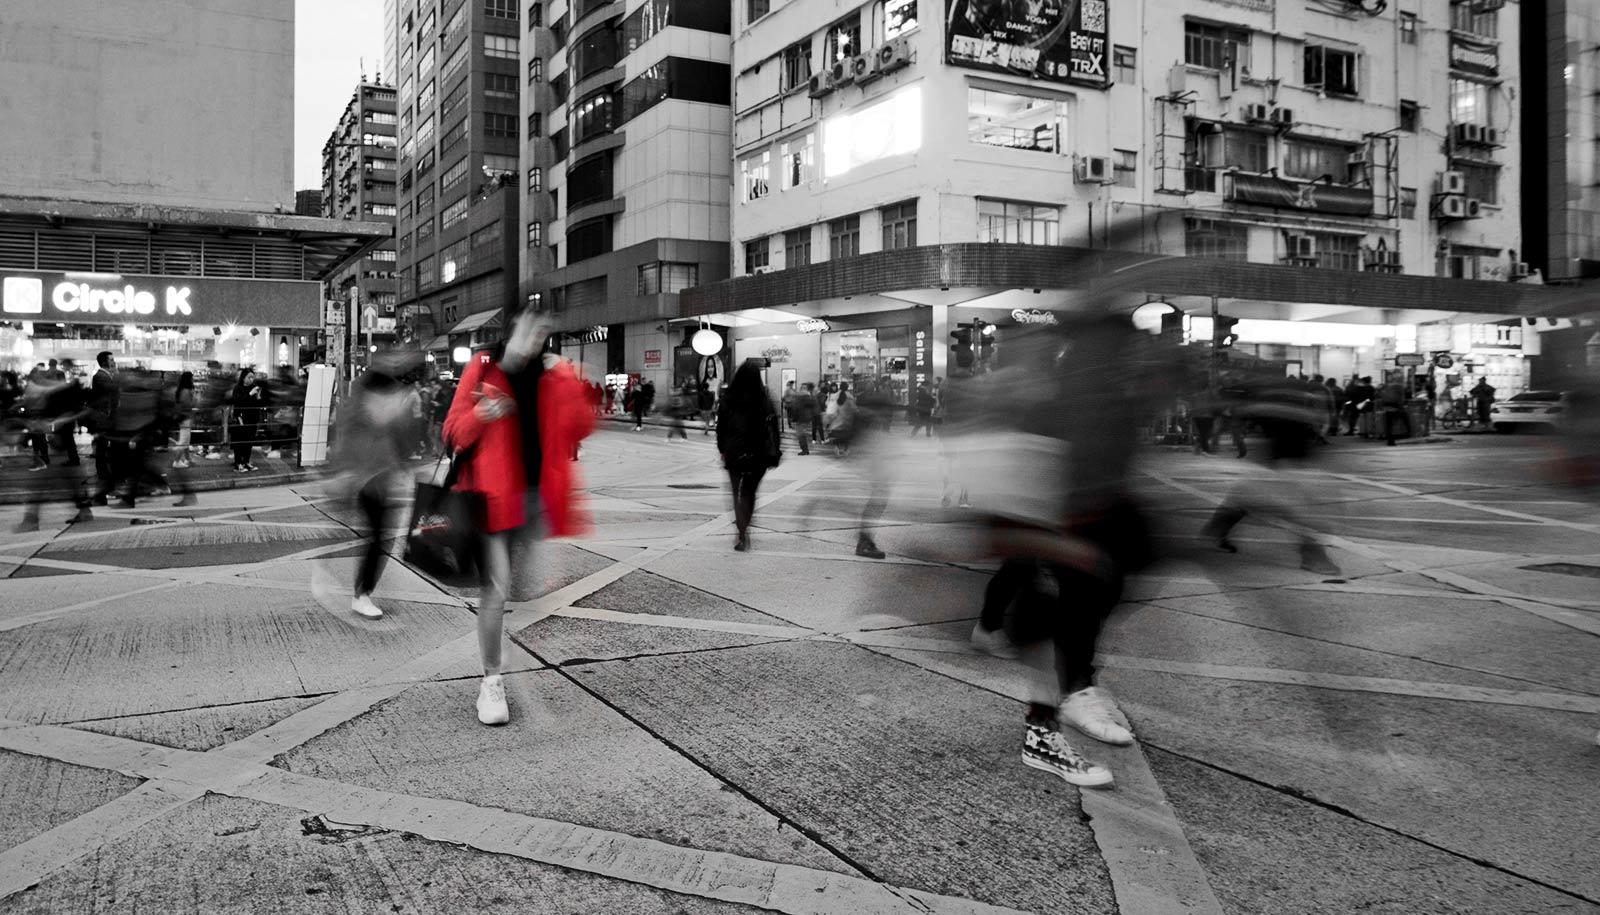 Tiny bits of air pollution may trigger nonfatal heart attacks thumbnail